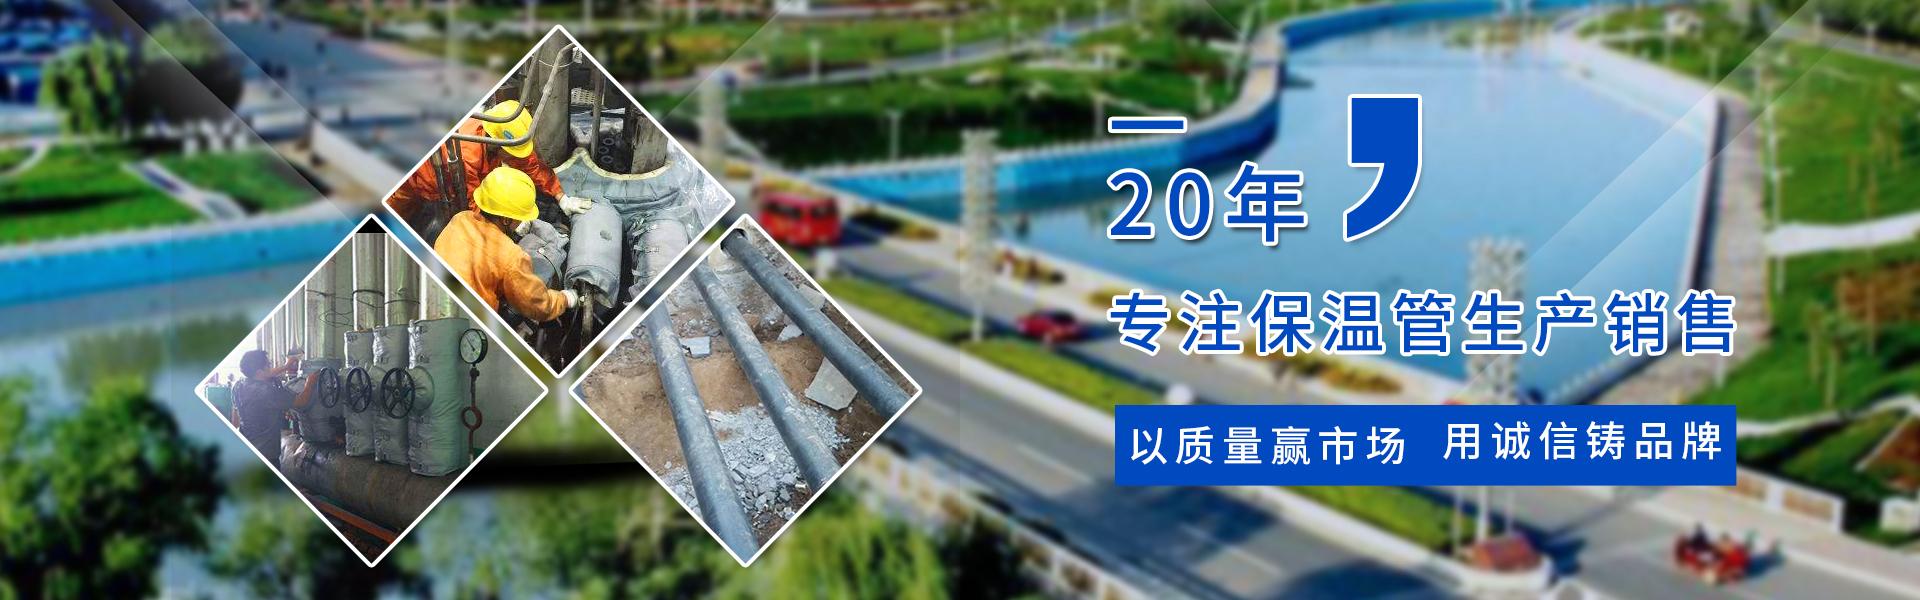 山东保温材料   玻璃棉制品